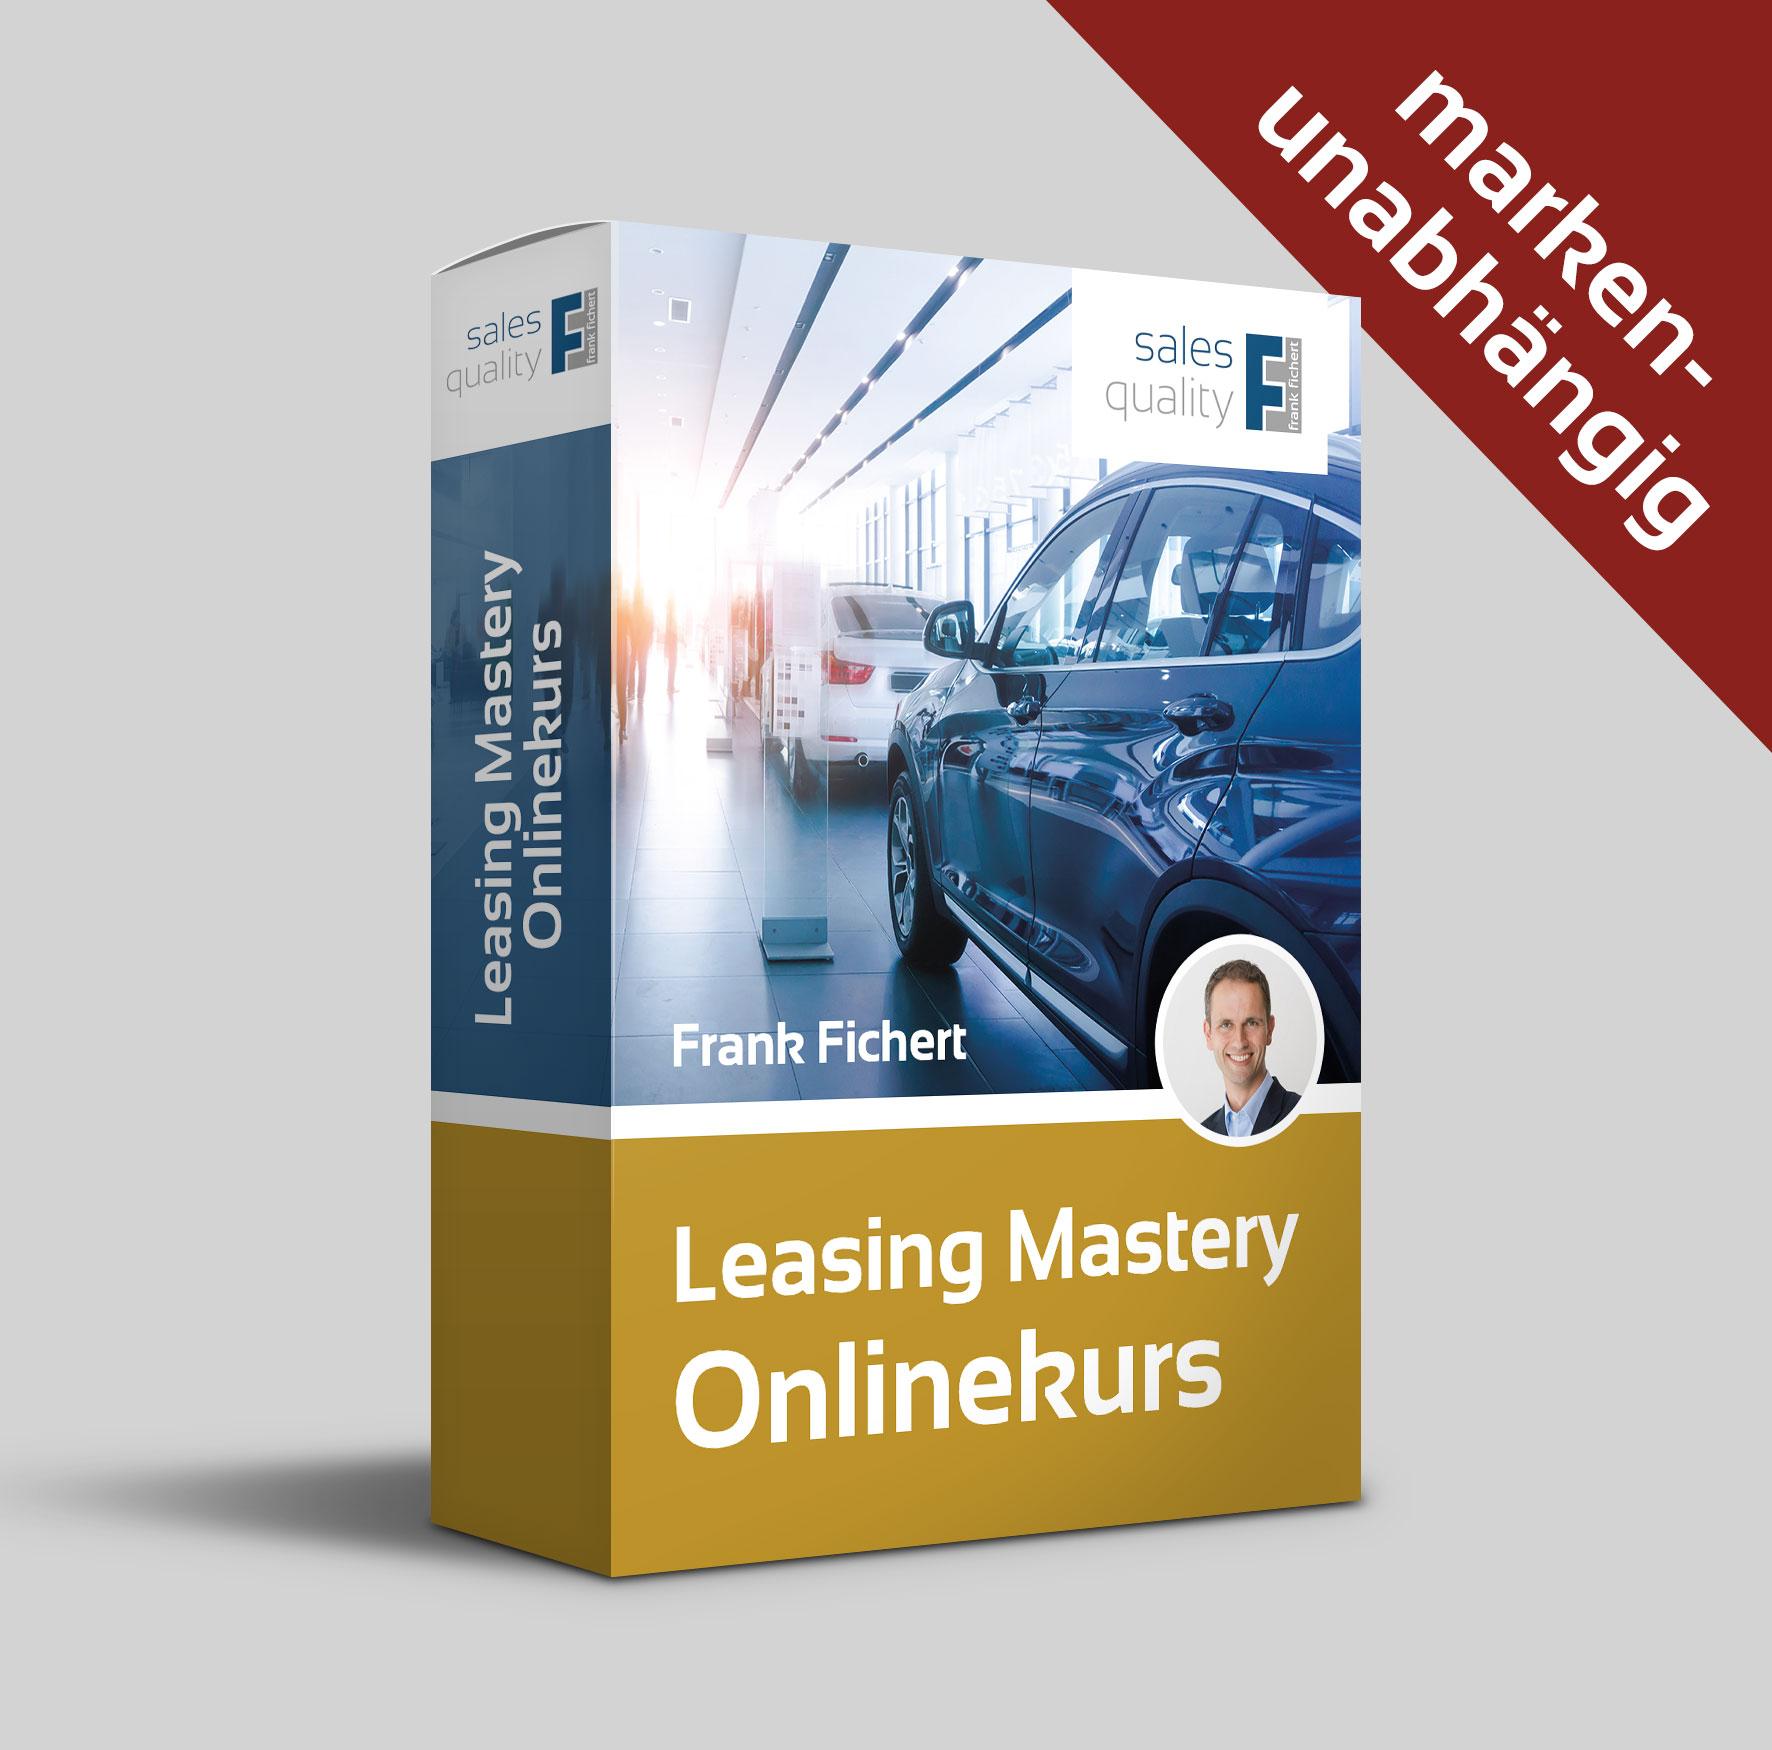 Onlinekurs Leasing Mastery